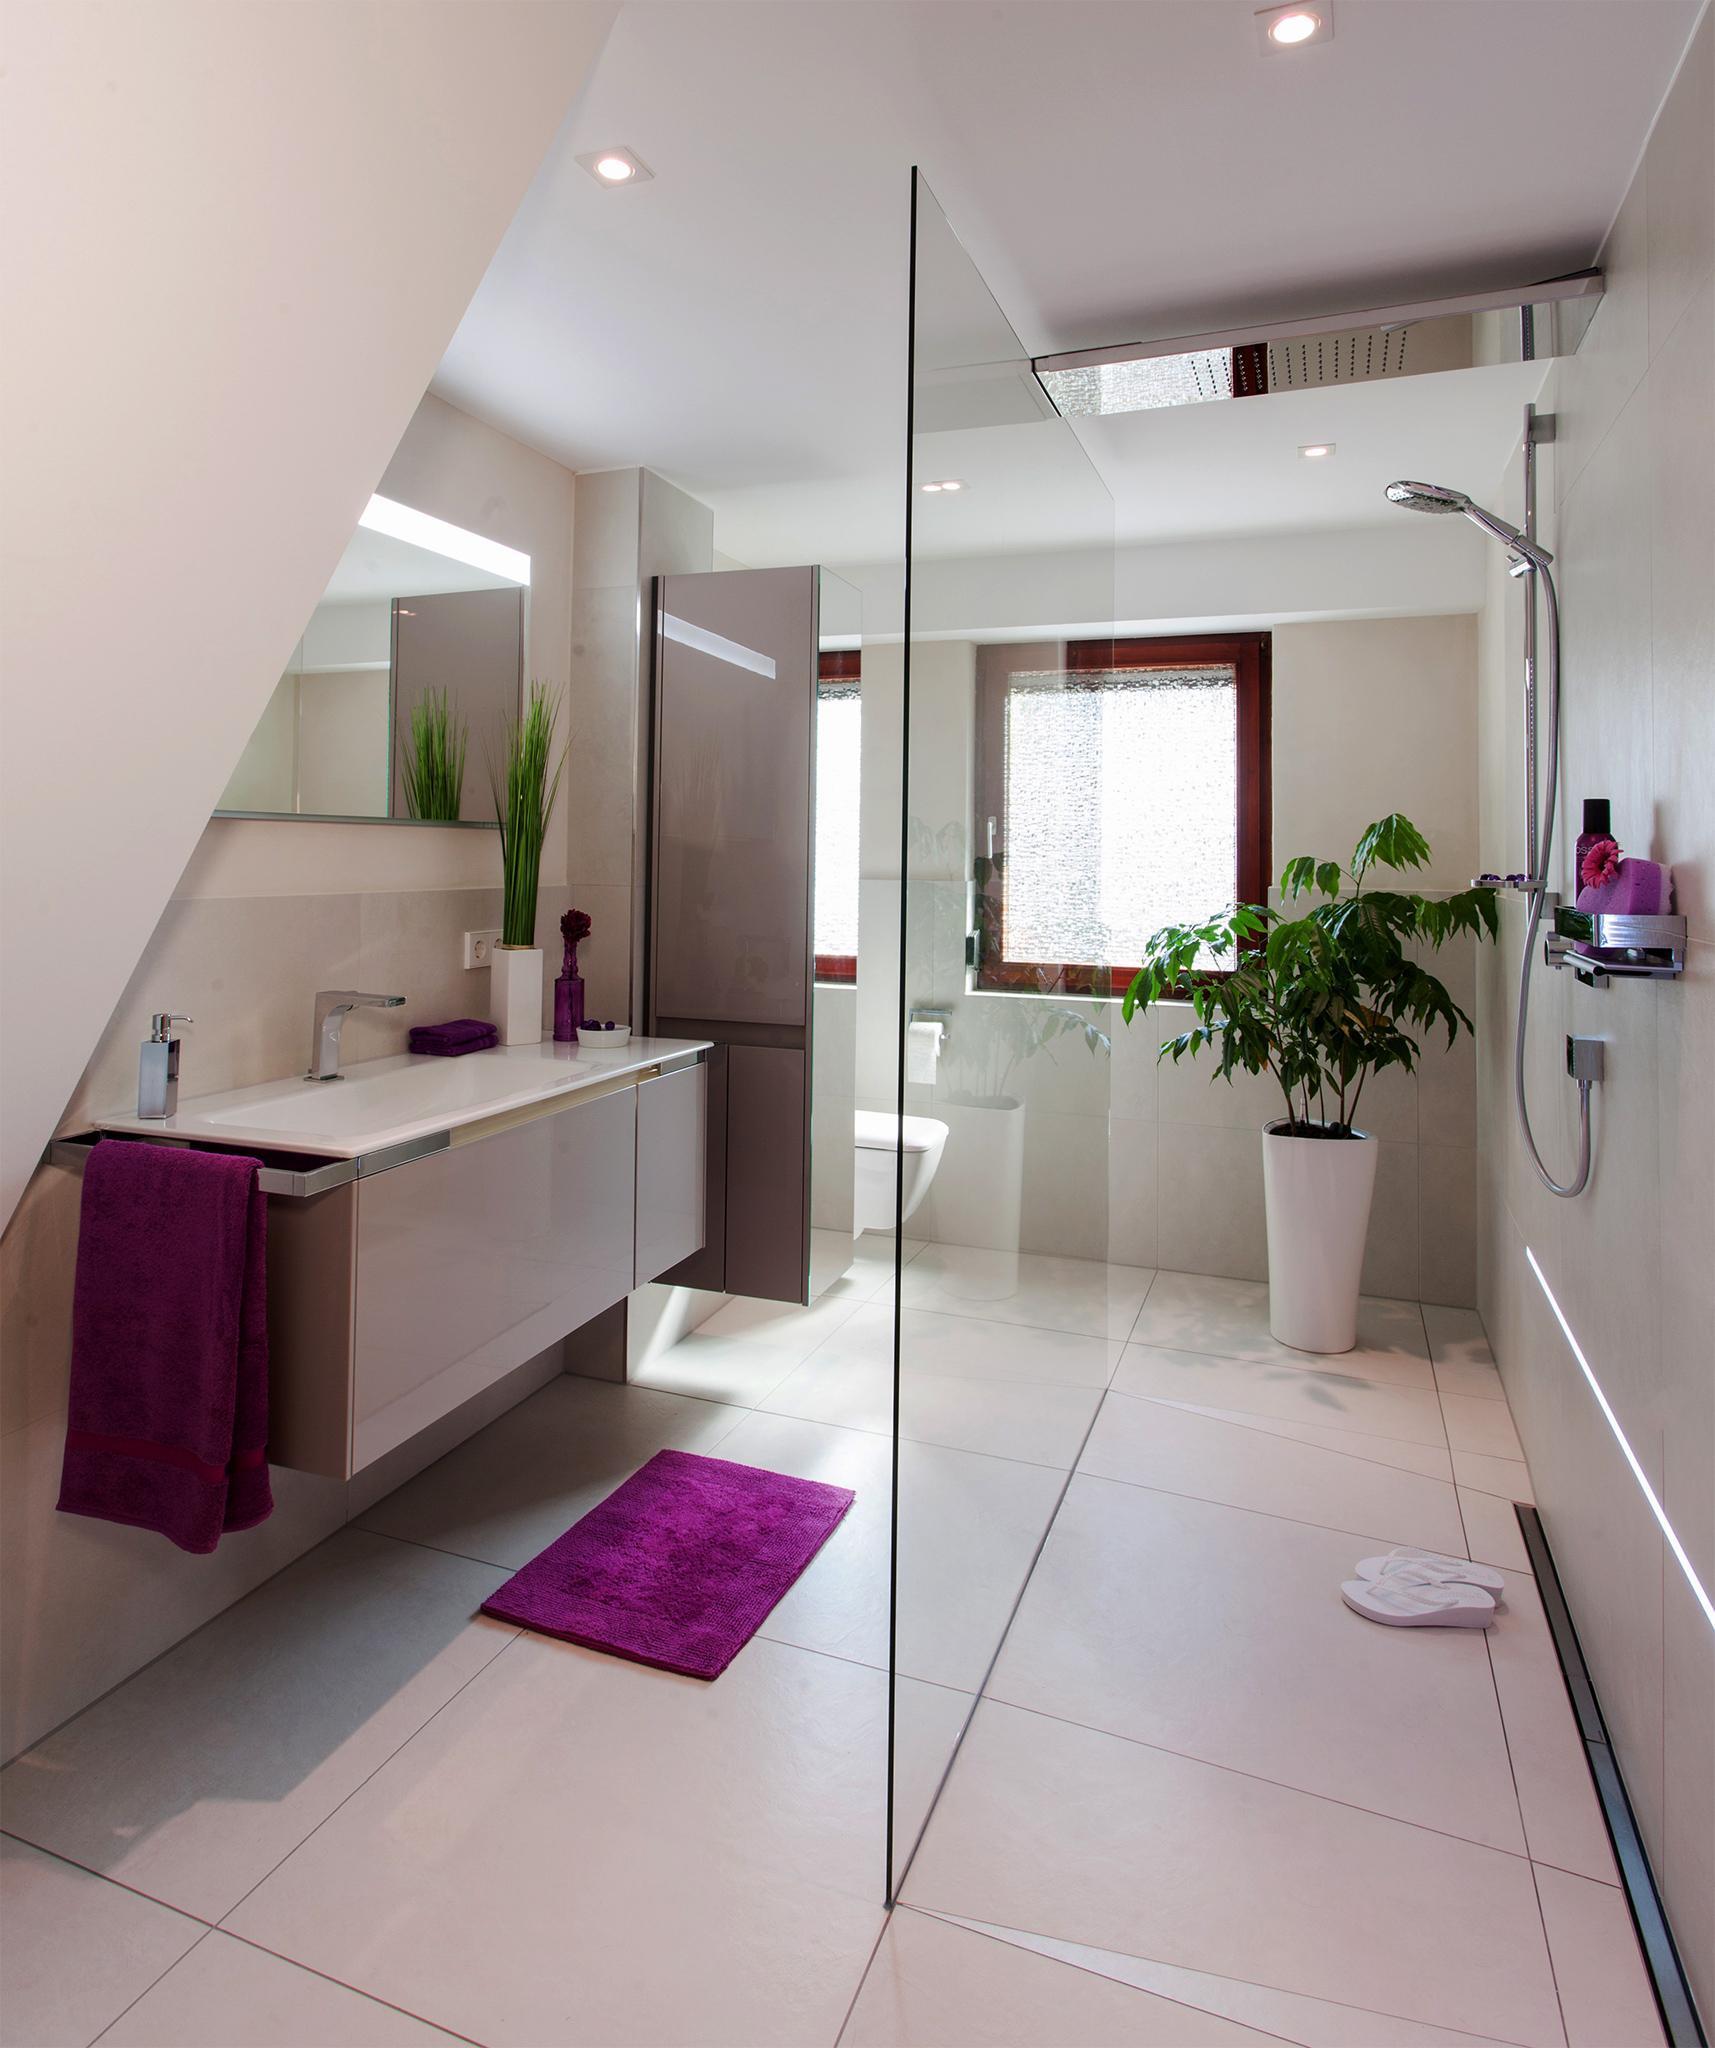 Badezimmer Mit Dachschräge Ideen